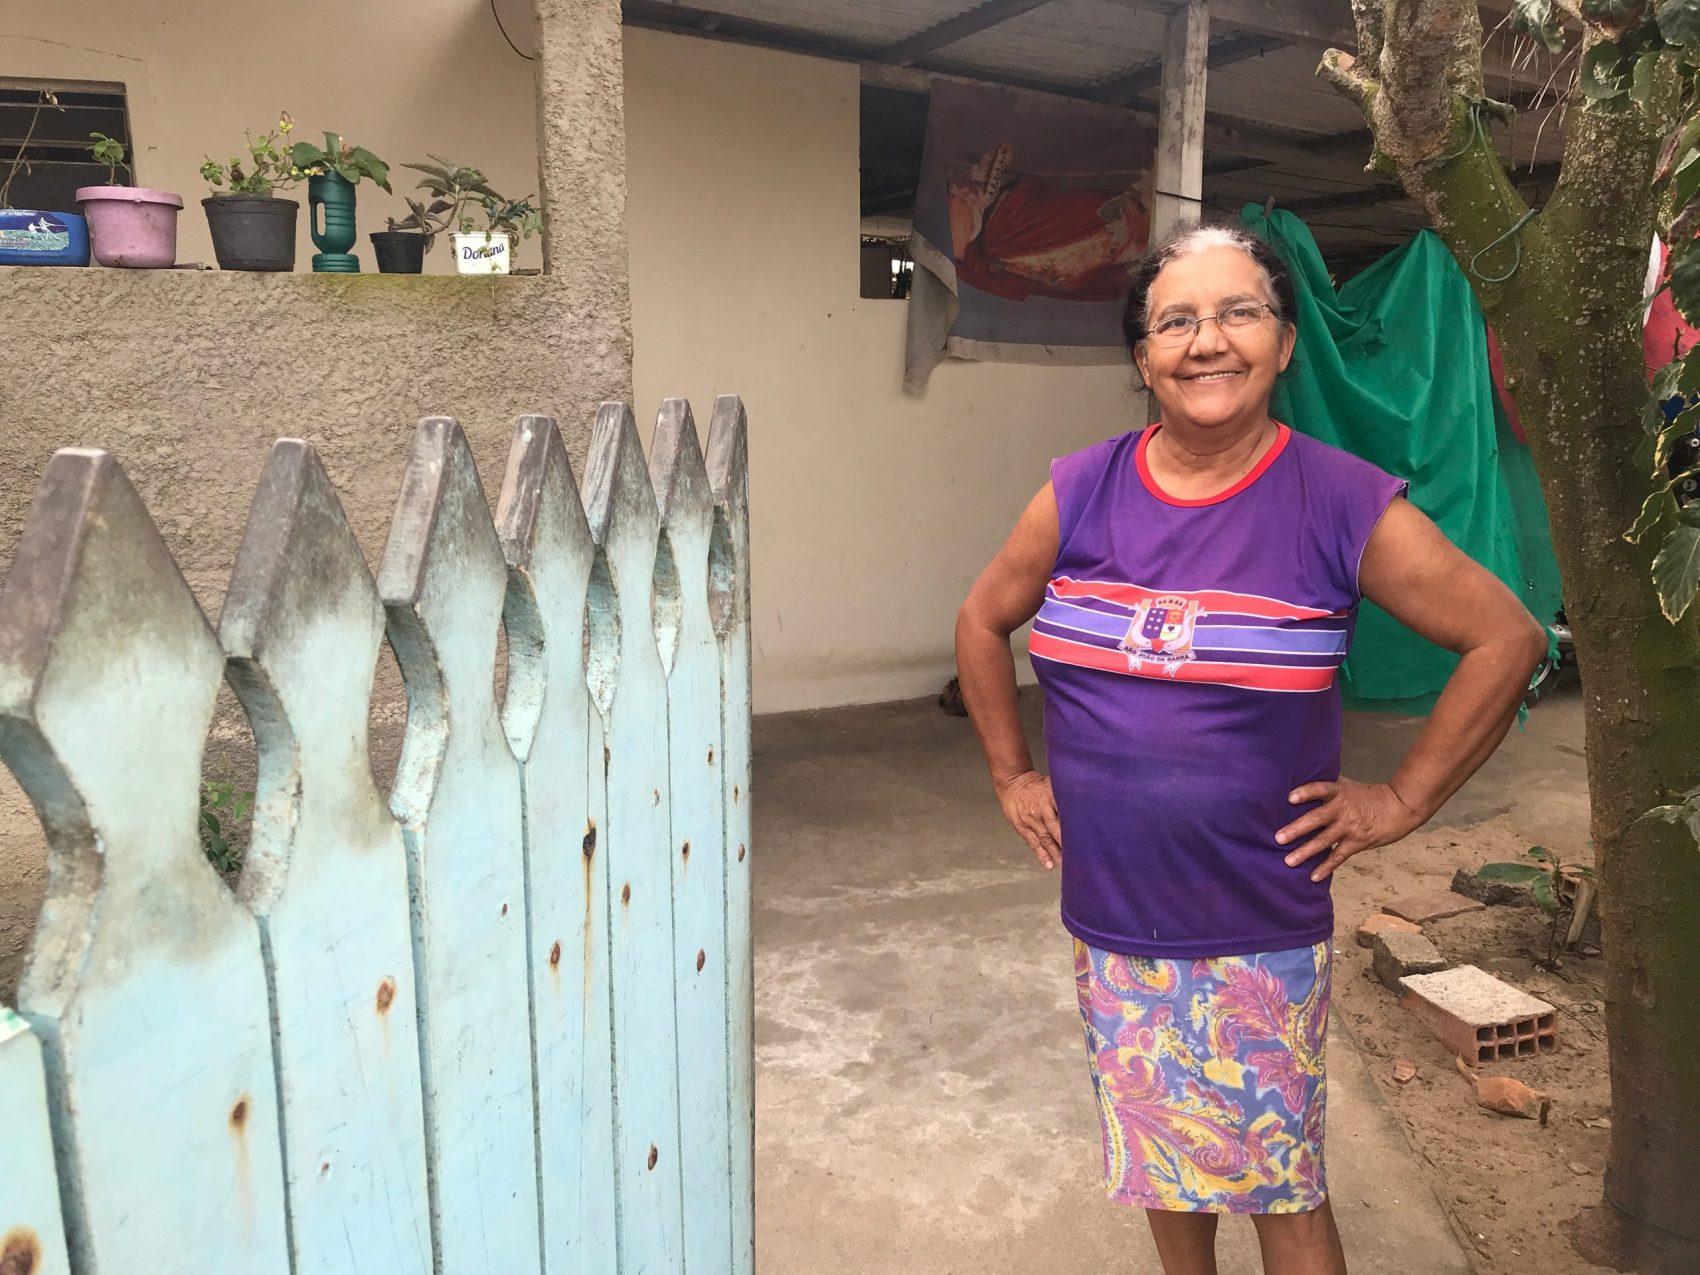 """O mar já visitou a casa de Mary Lúcia onde os móveis estão sobre caixas plásticas: """"Nesses dias, ninguém dorme, fica todo mundo andando pela rua. O mar é engraçado, tem hora que ele tá lá longe, daqui a pouco ele tá jogando aqui pertinho"""" (Foto: Carolina Gomes)"""